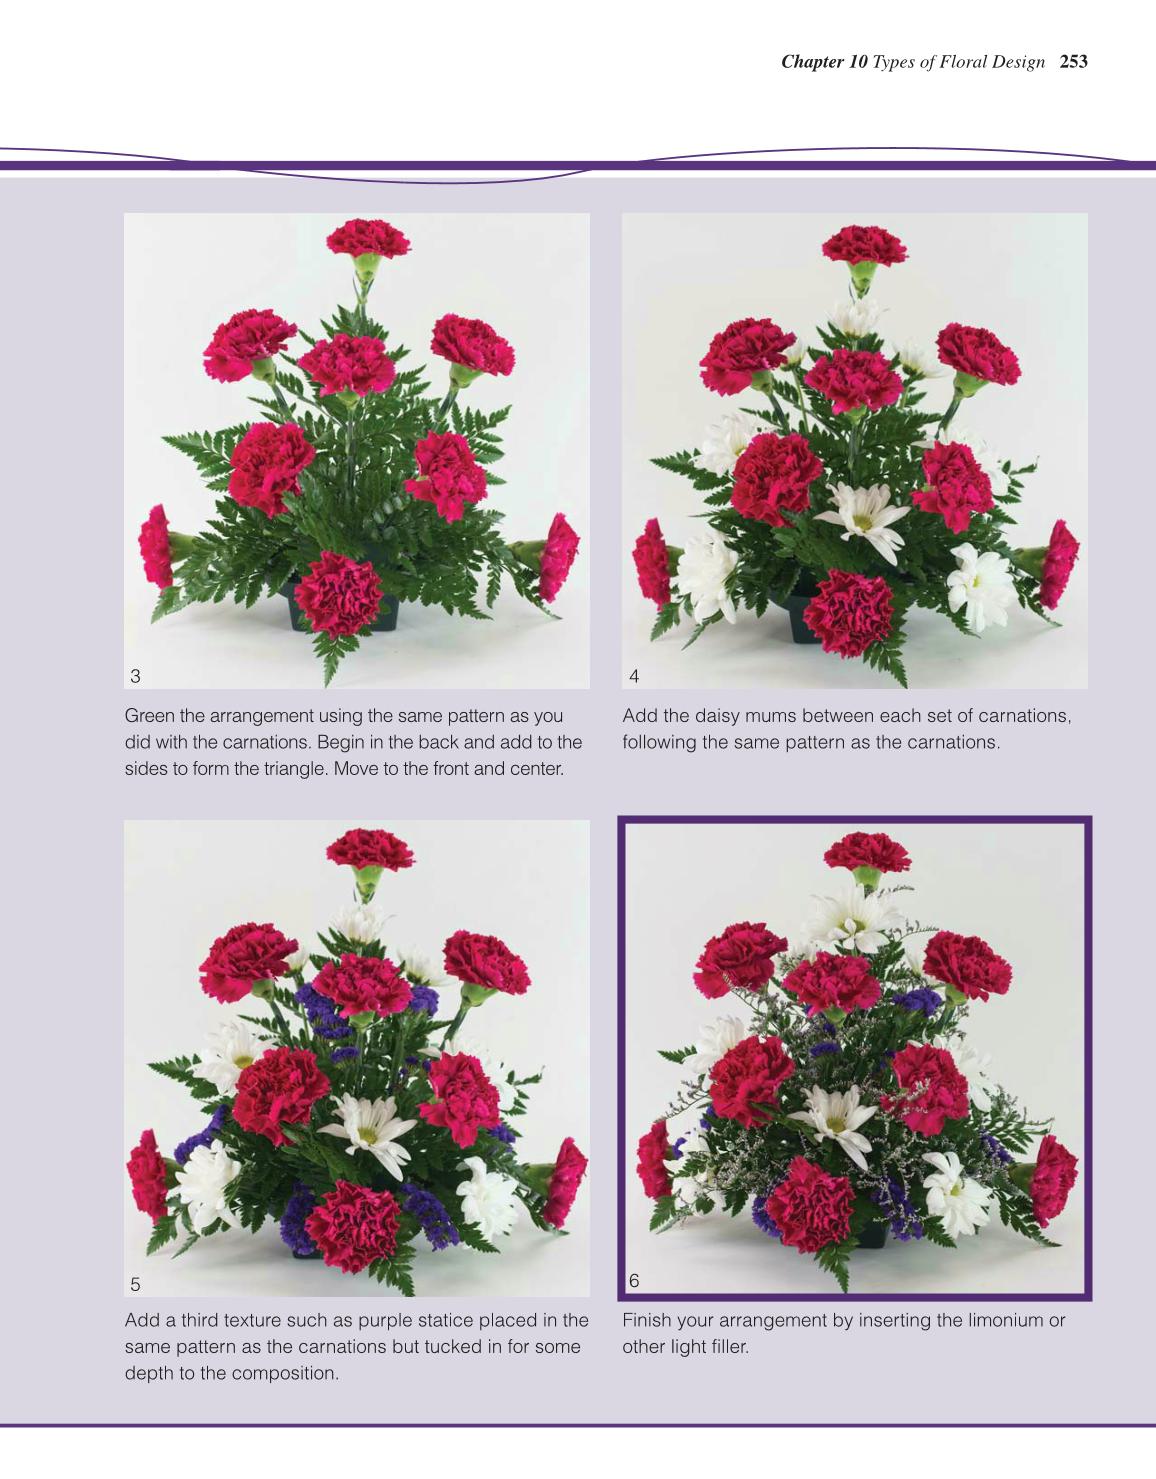 Garosa Strassband Funkelnd K/ünstliche Kristall Sonnenblume Form 1 Yard Hochzeit Party Dekoration f/ür Brautstrau/ß Vasen